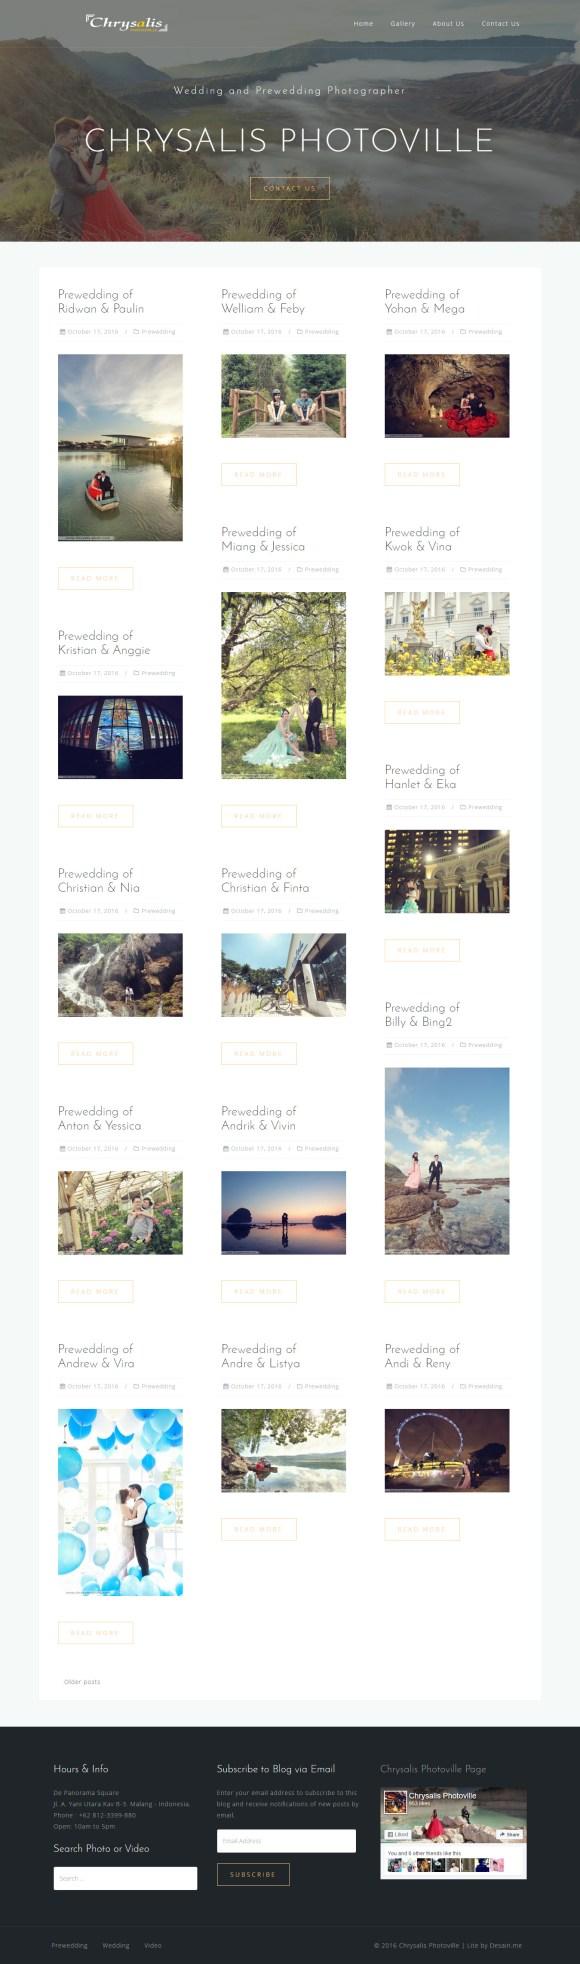 ChryaslisPhoto.com   Wedding and Prewedding Photographer at Malang